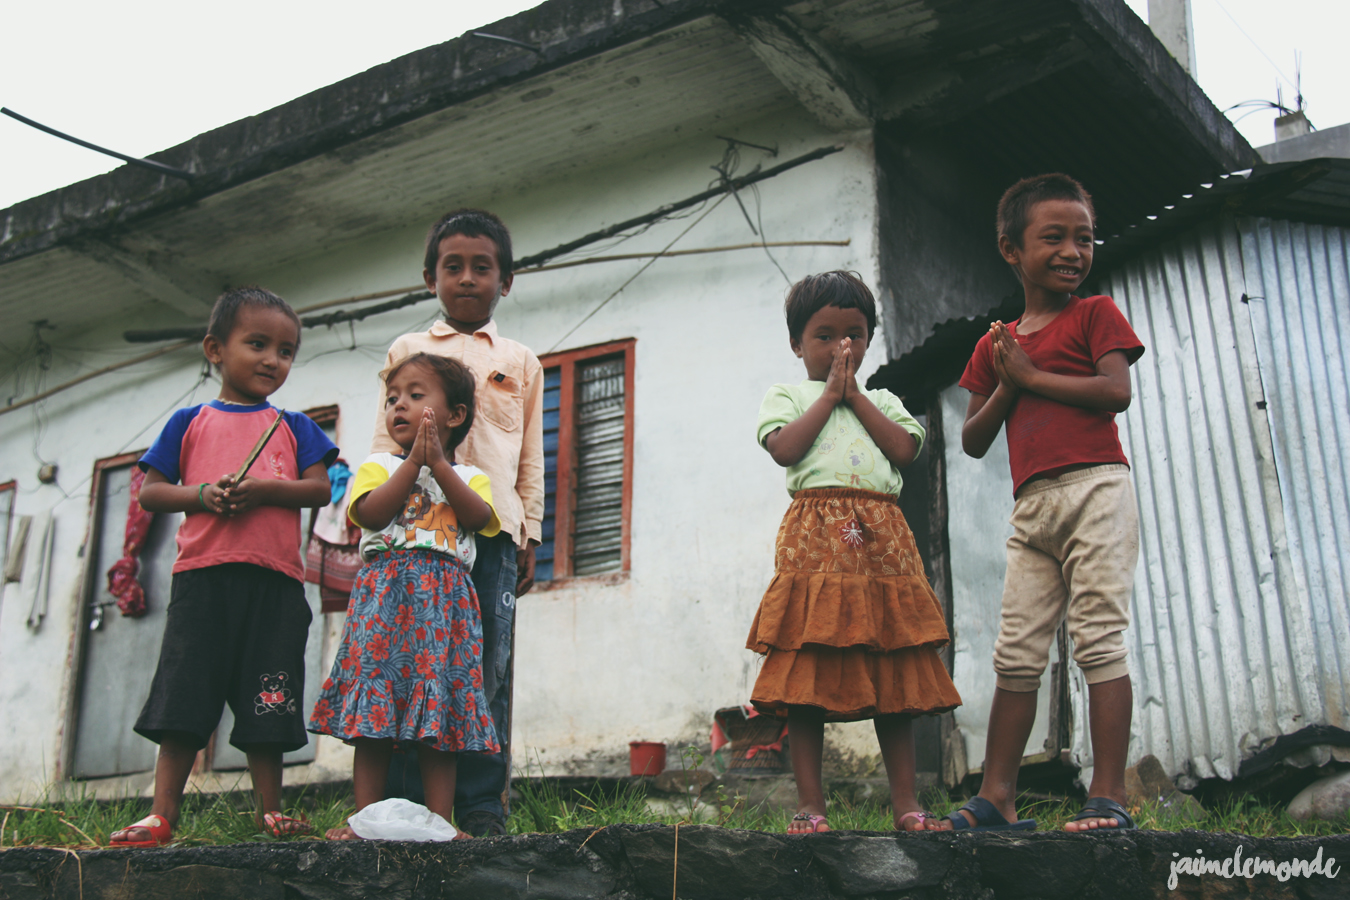 Blog voyage - 50 photos au Népal - ©jaimelemonde (13)